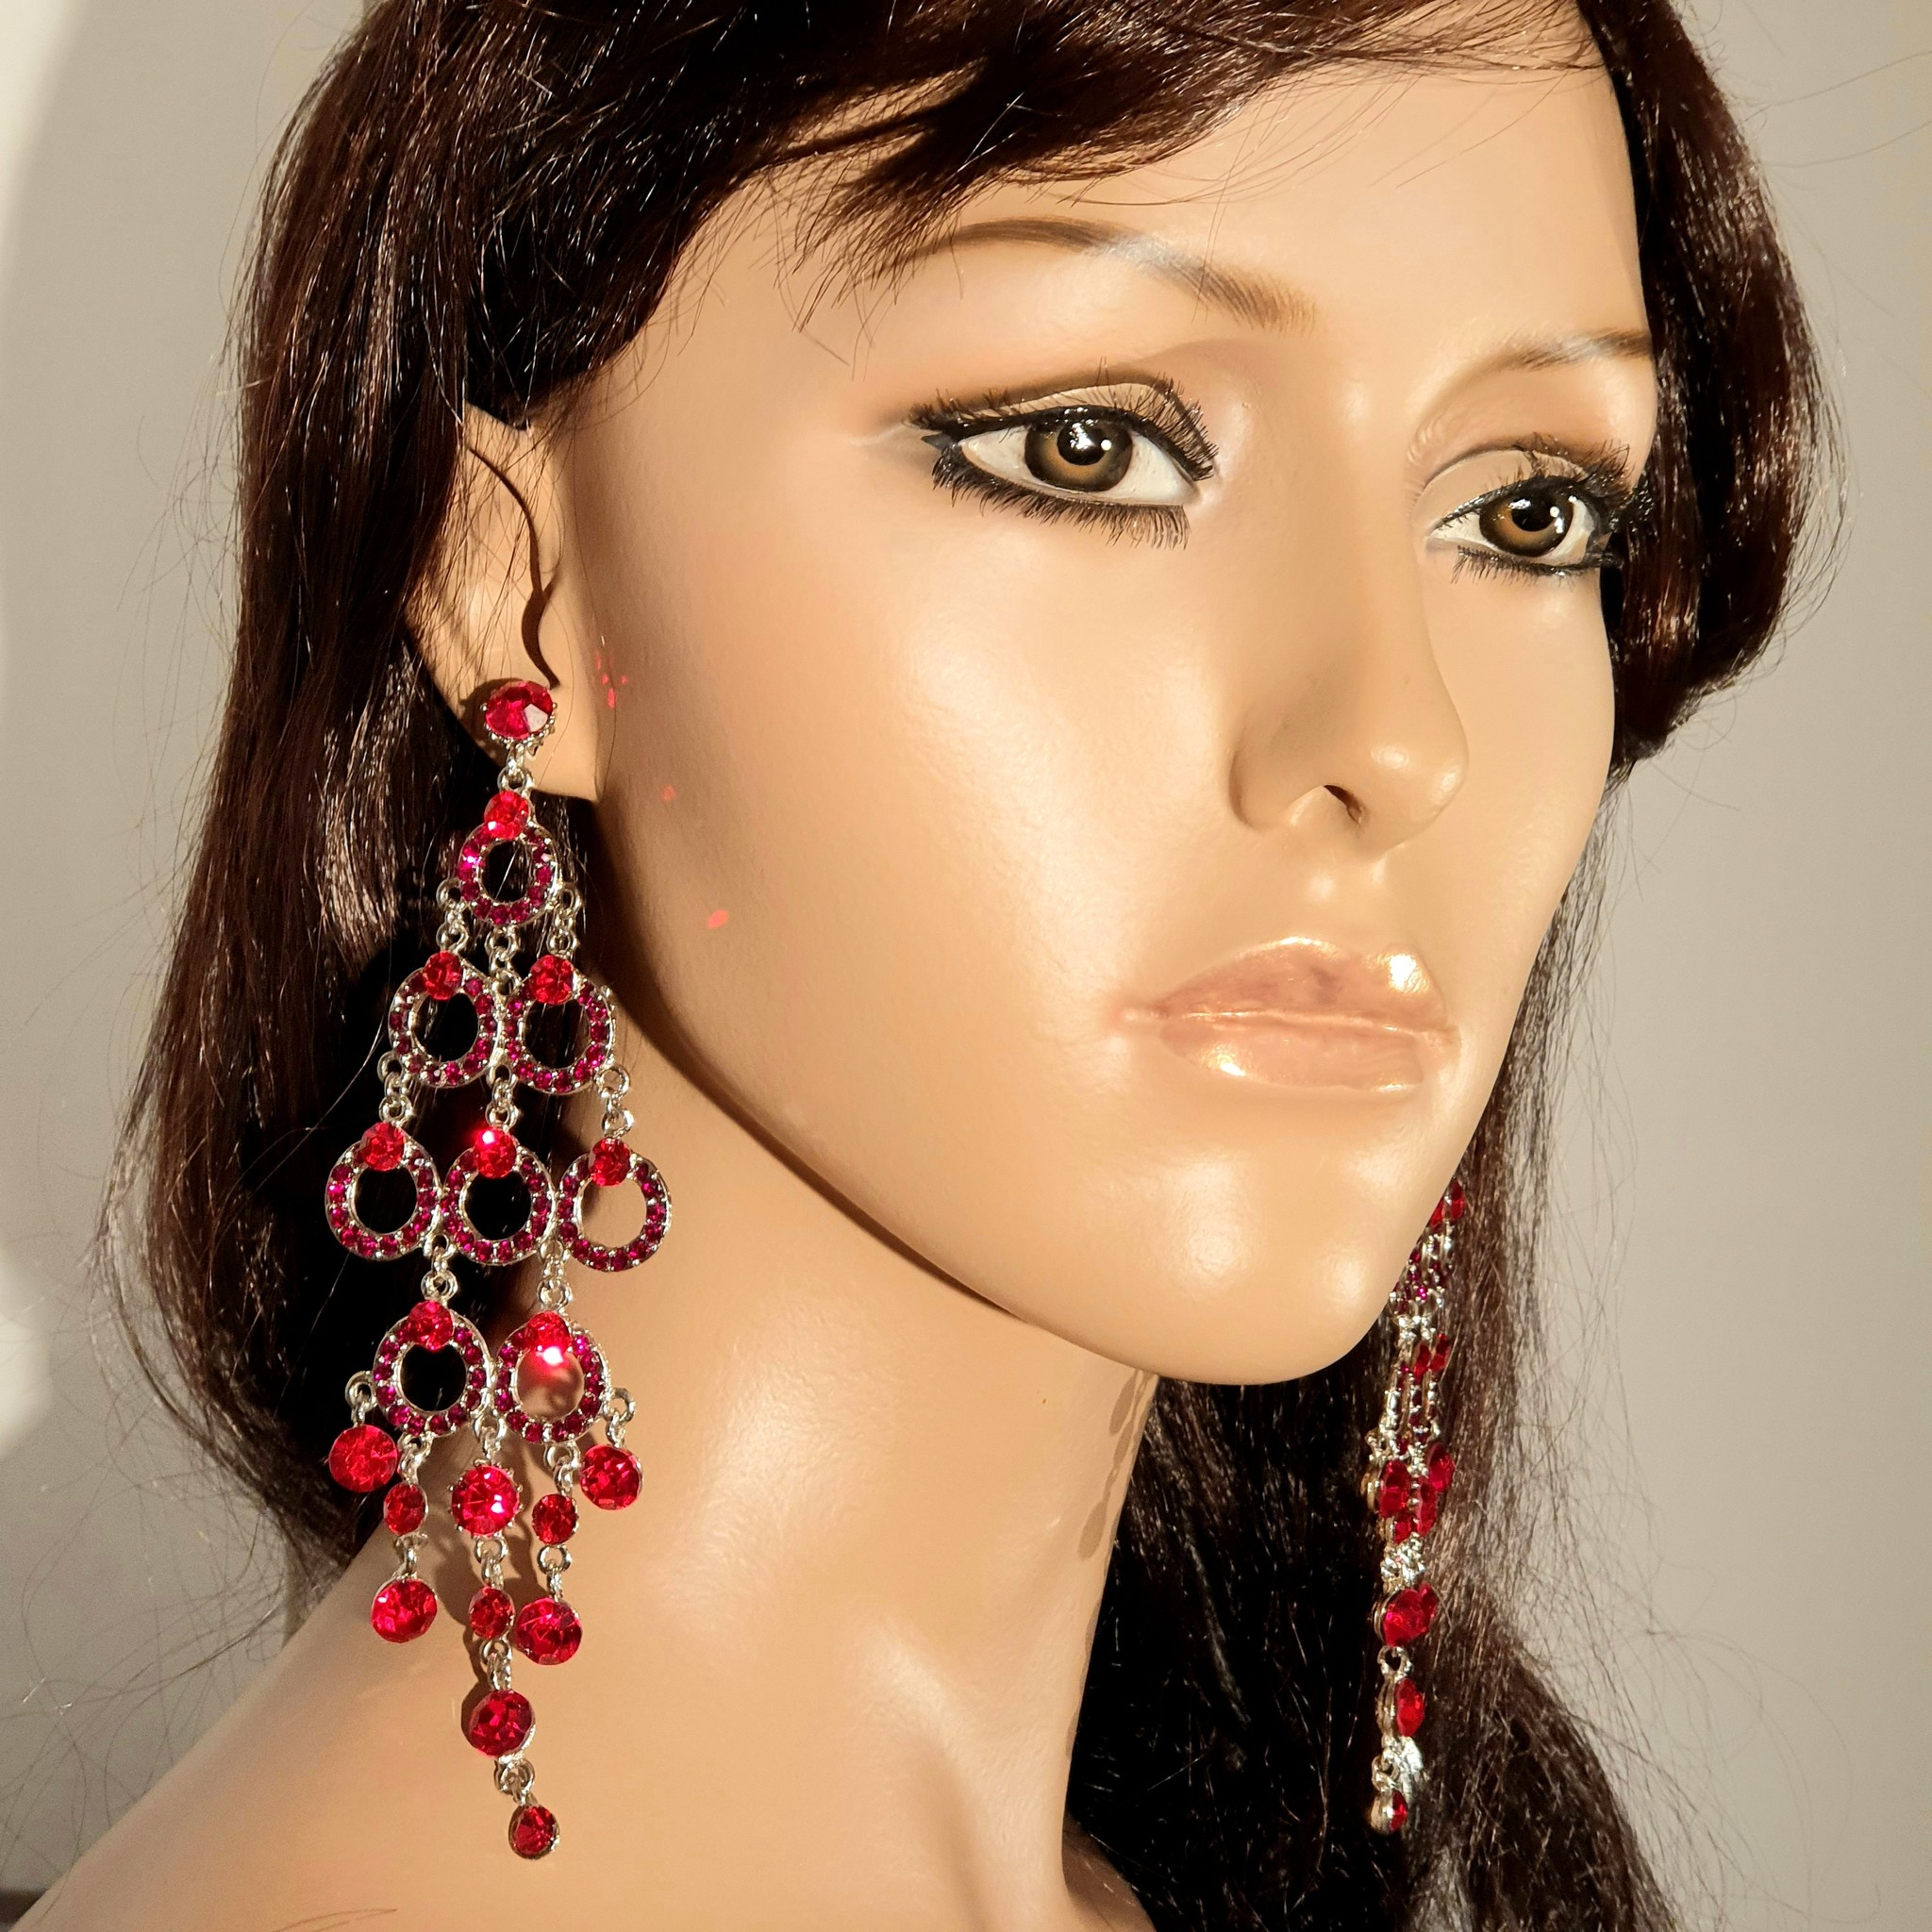 -Rode oorbellen - Pia